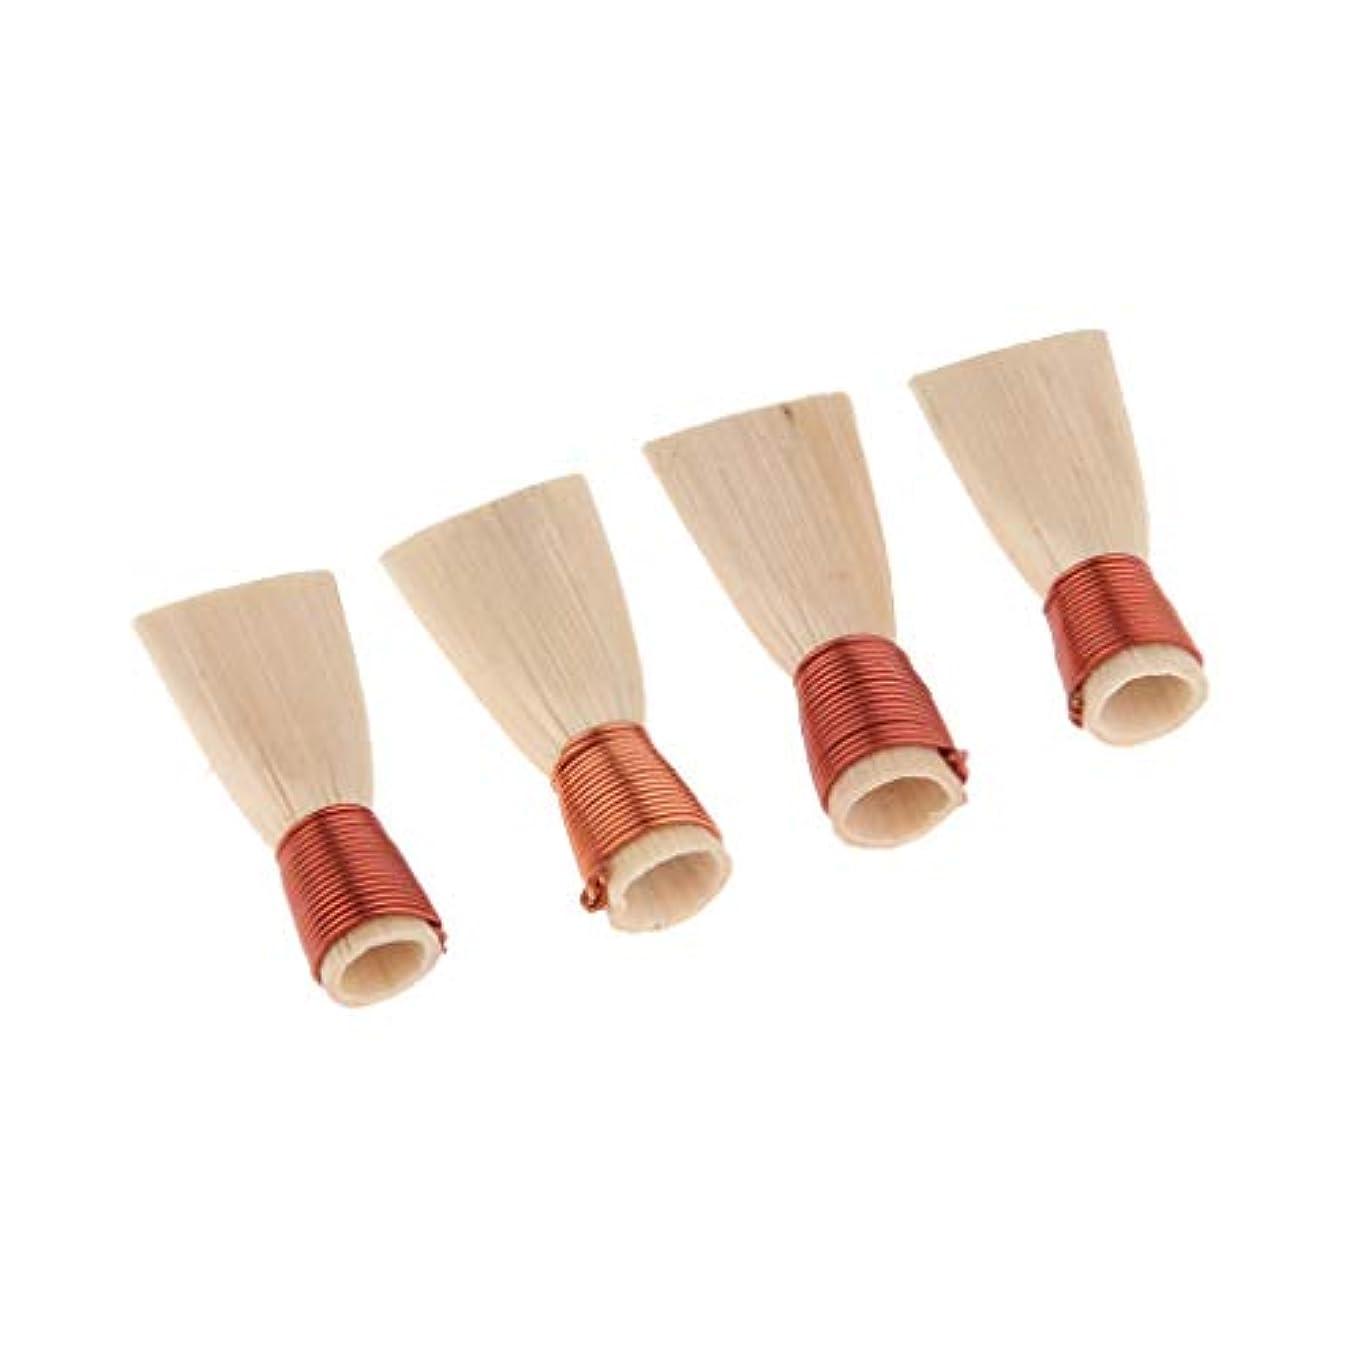 彼女くつろぐブレンドD DOLITY ホイッスル 笛 伝統楽器 天然素材 パフォーマンス 4個